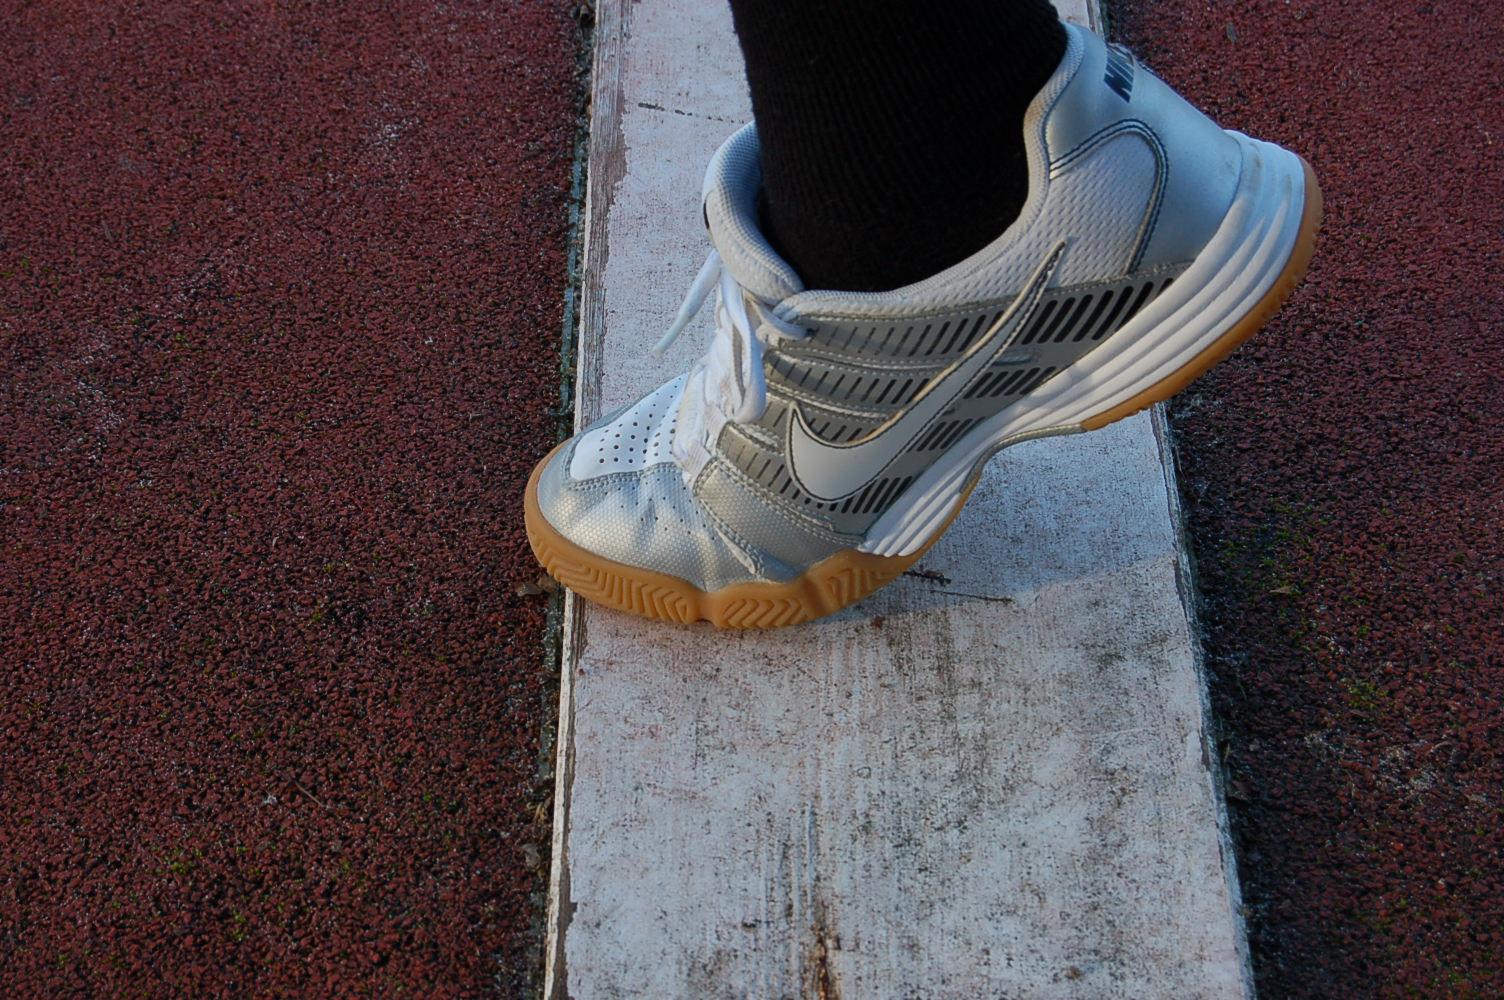 Au saut en longueur avec la planche d'appel, l'emplacement du pied d'appel est-il correct ?